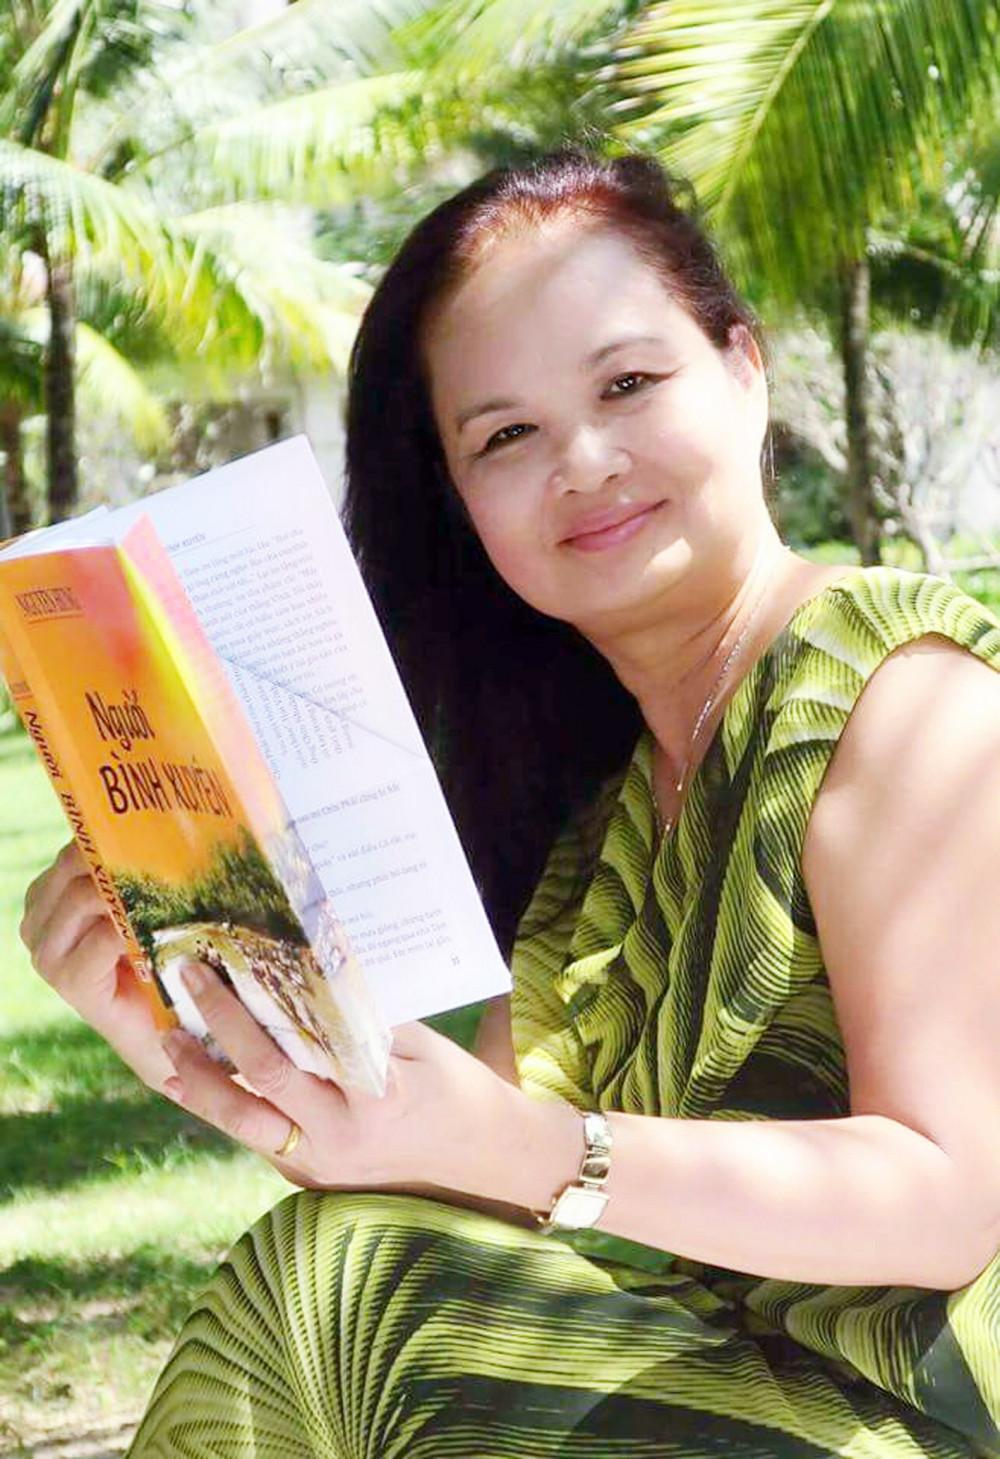 Nhà văn Bích Ngân - ảnh: Nhân vật cung cấp